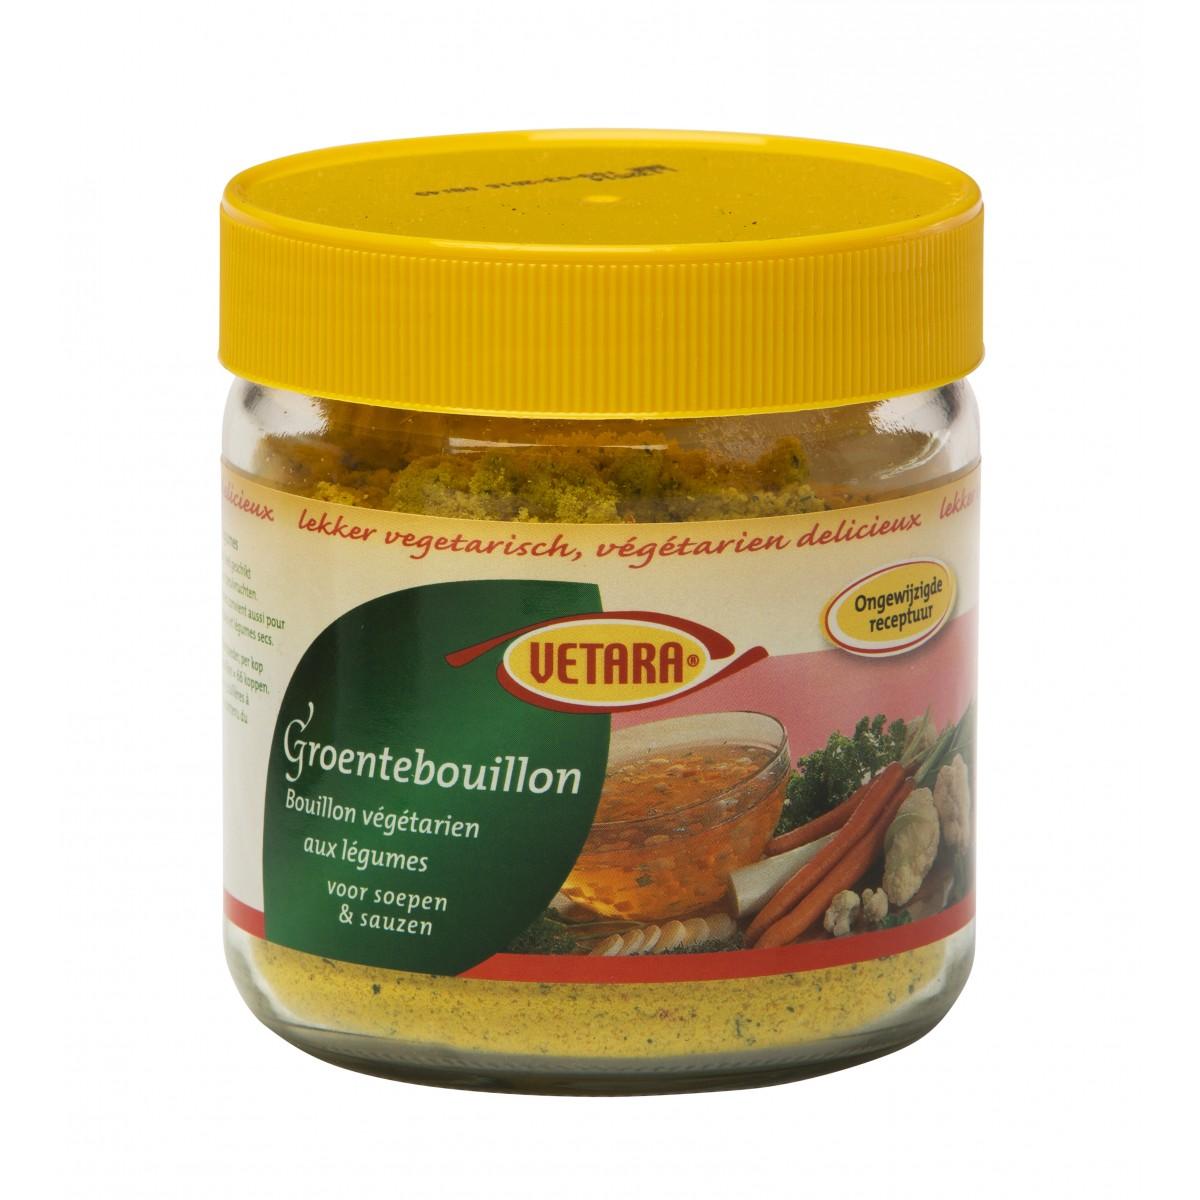 Groentebouillon (pot)